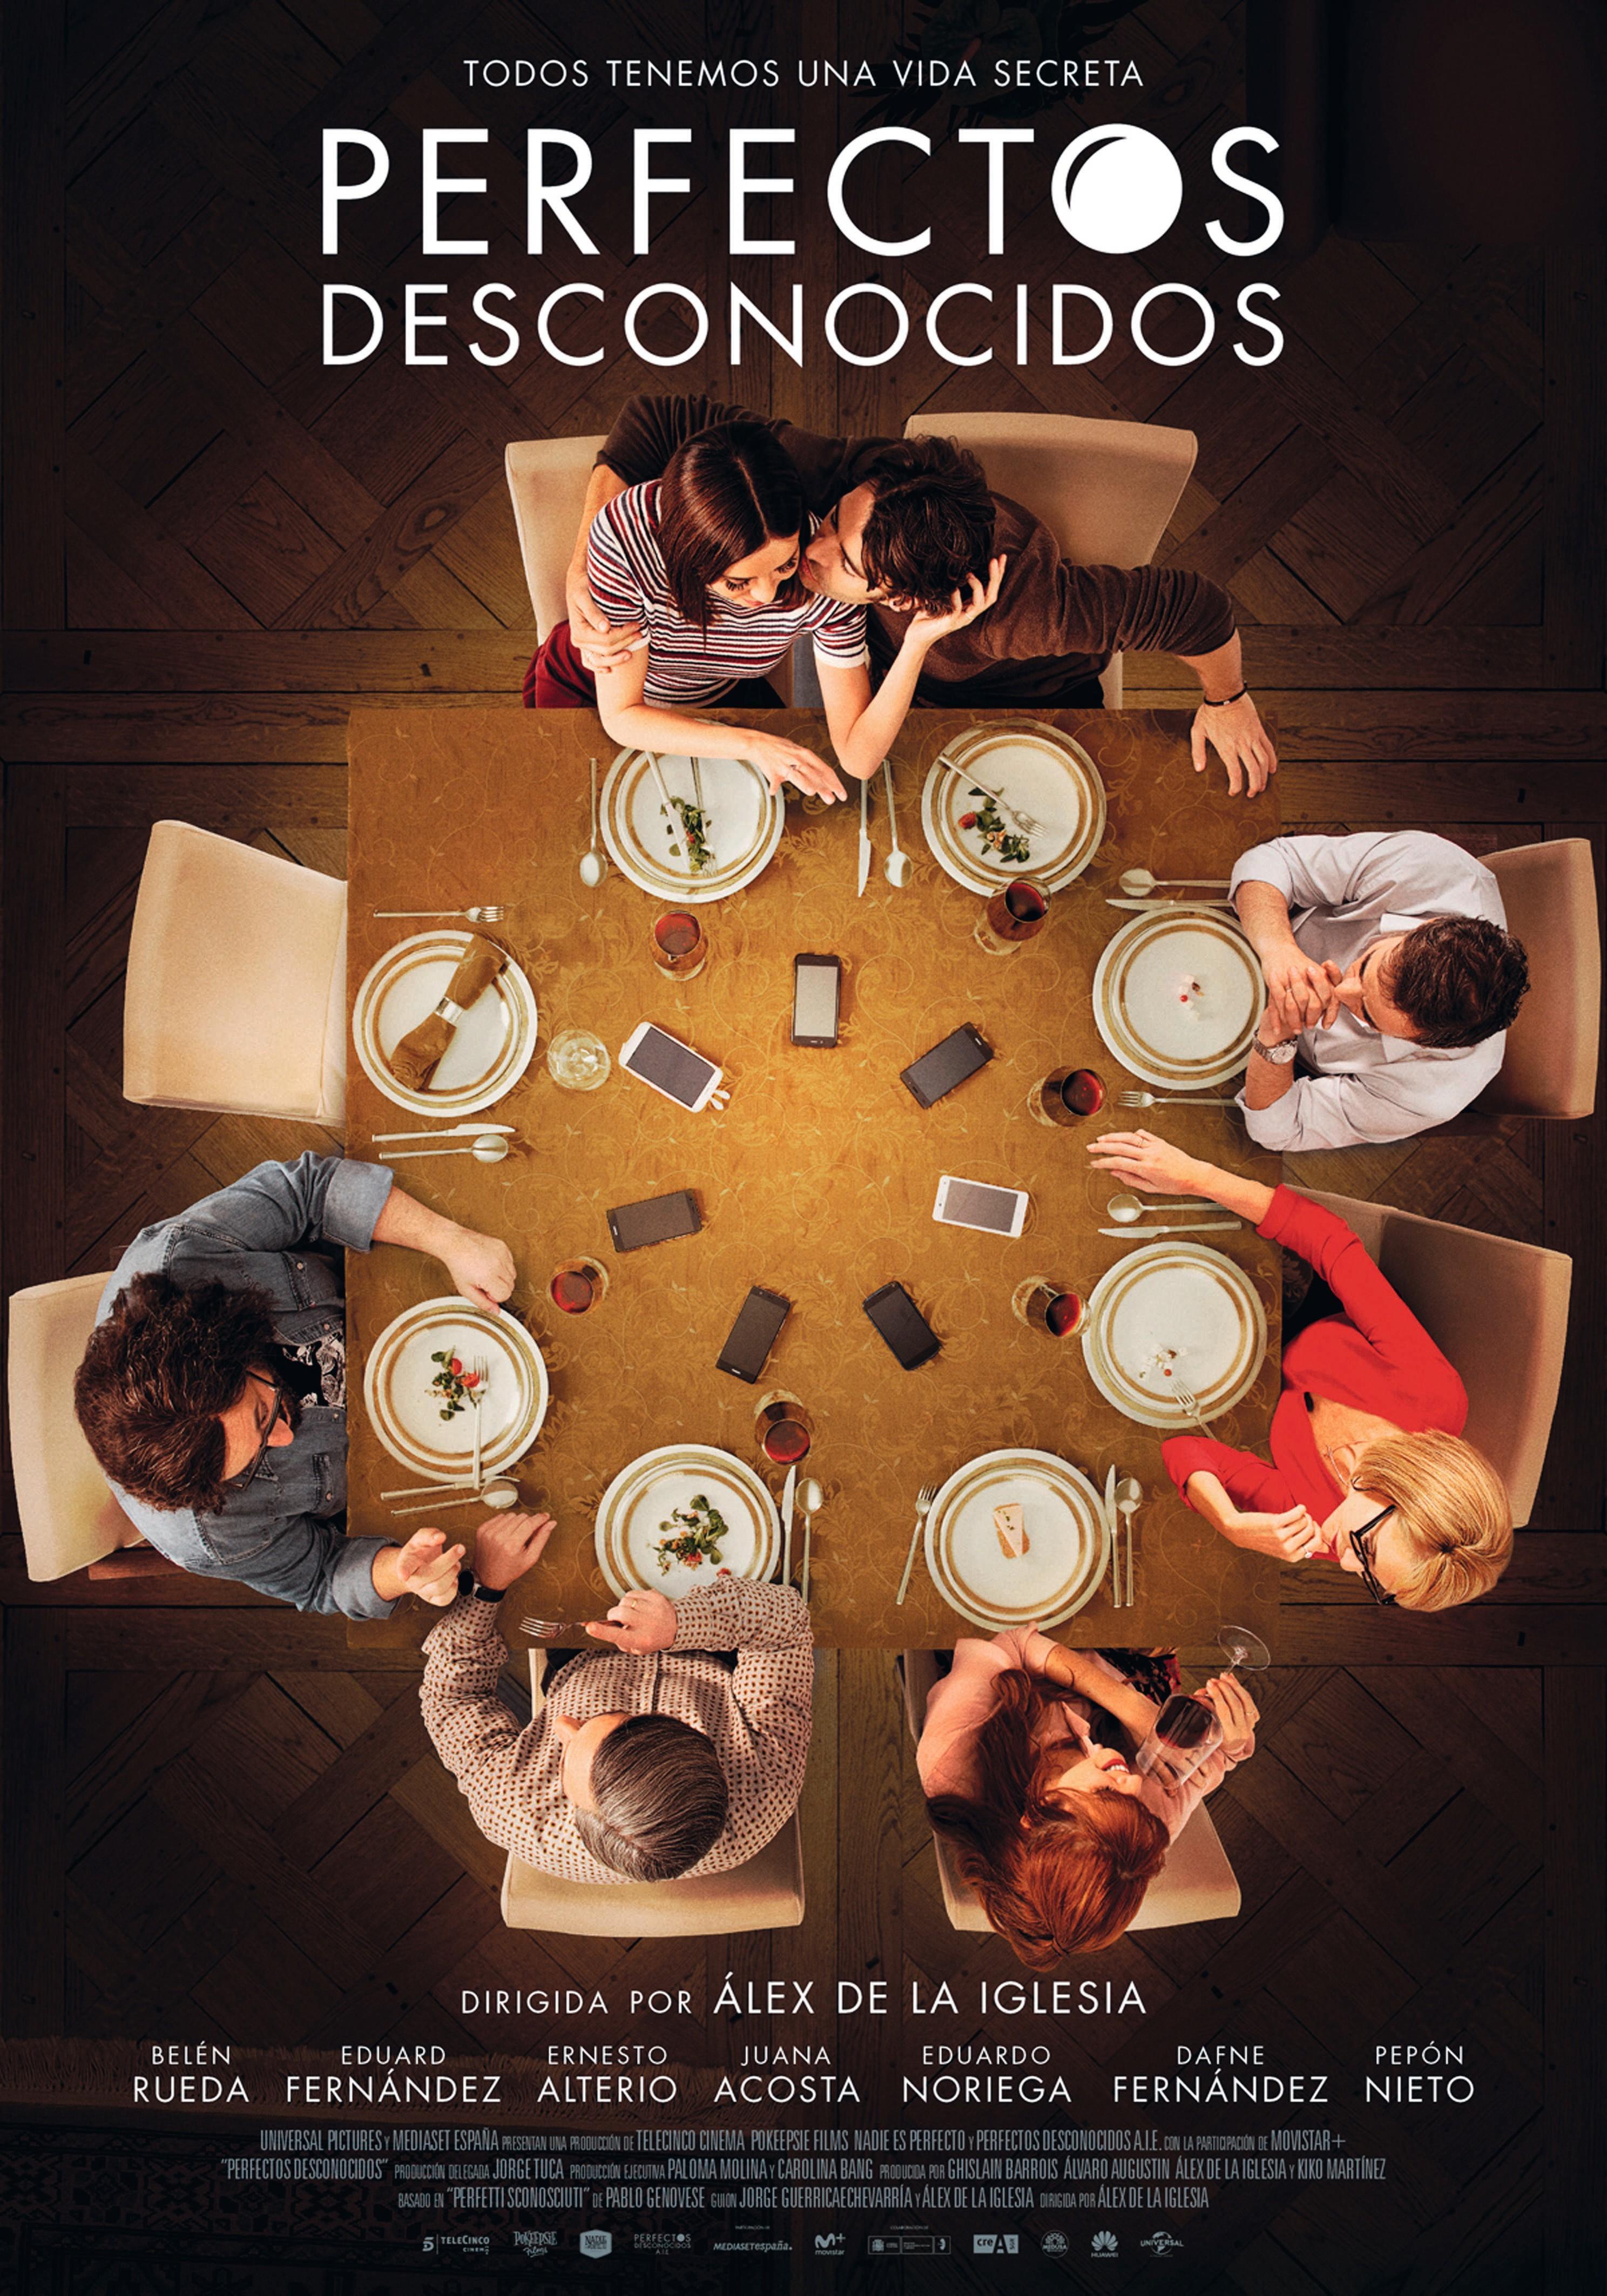 Cartel de Perfectos desconocidos de Álex de la Iglesia, 2017.